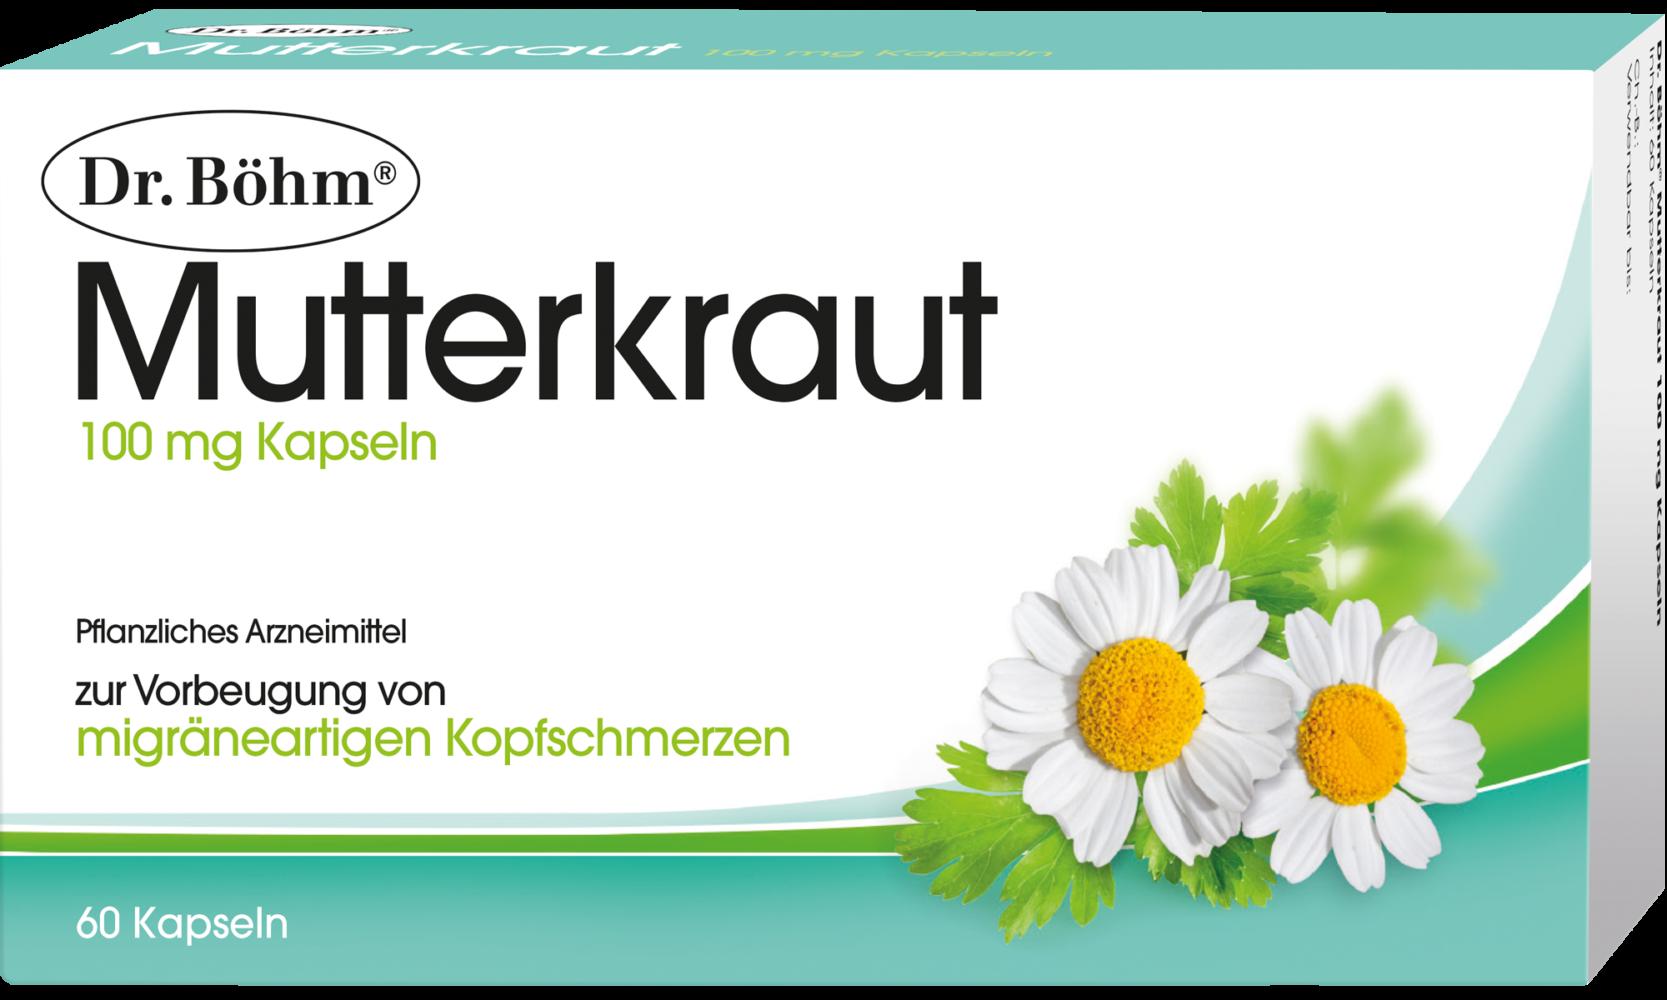 Dr. Böhm® Mutterkraut 100 mg Kapseln